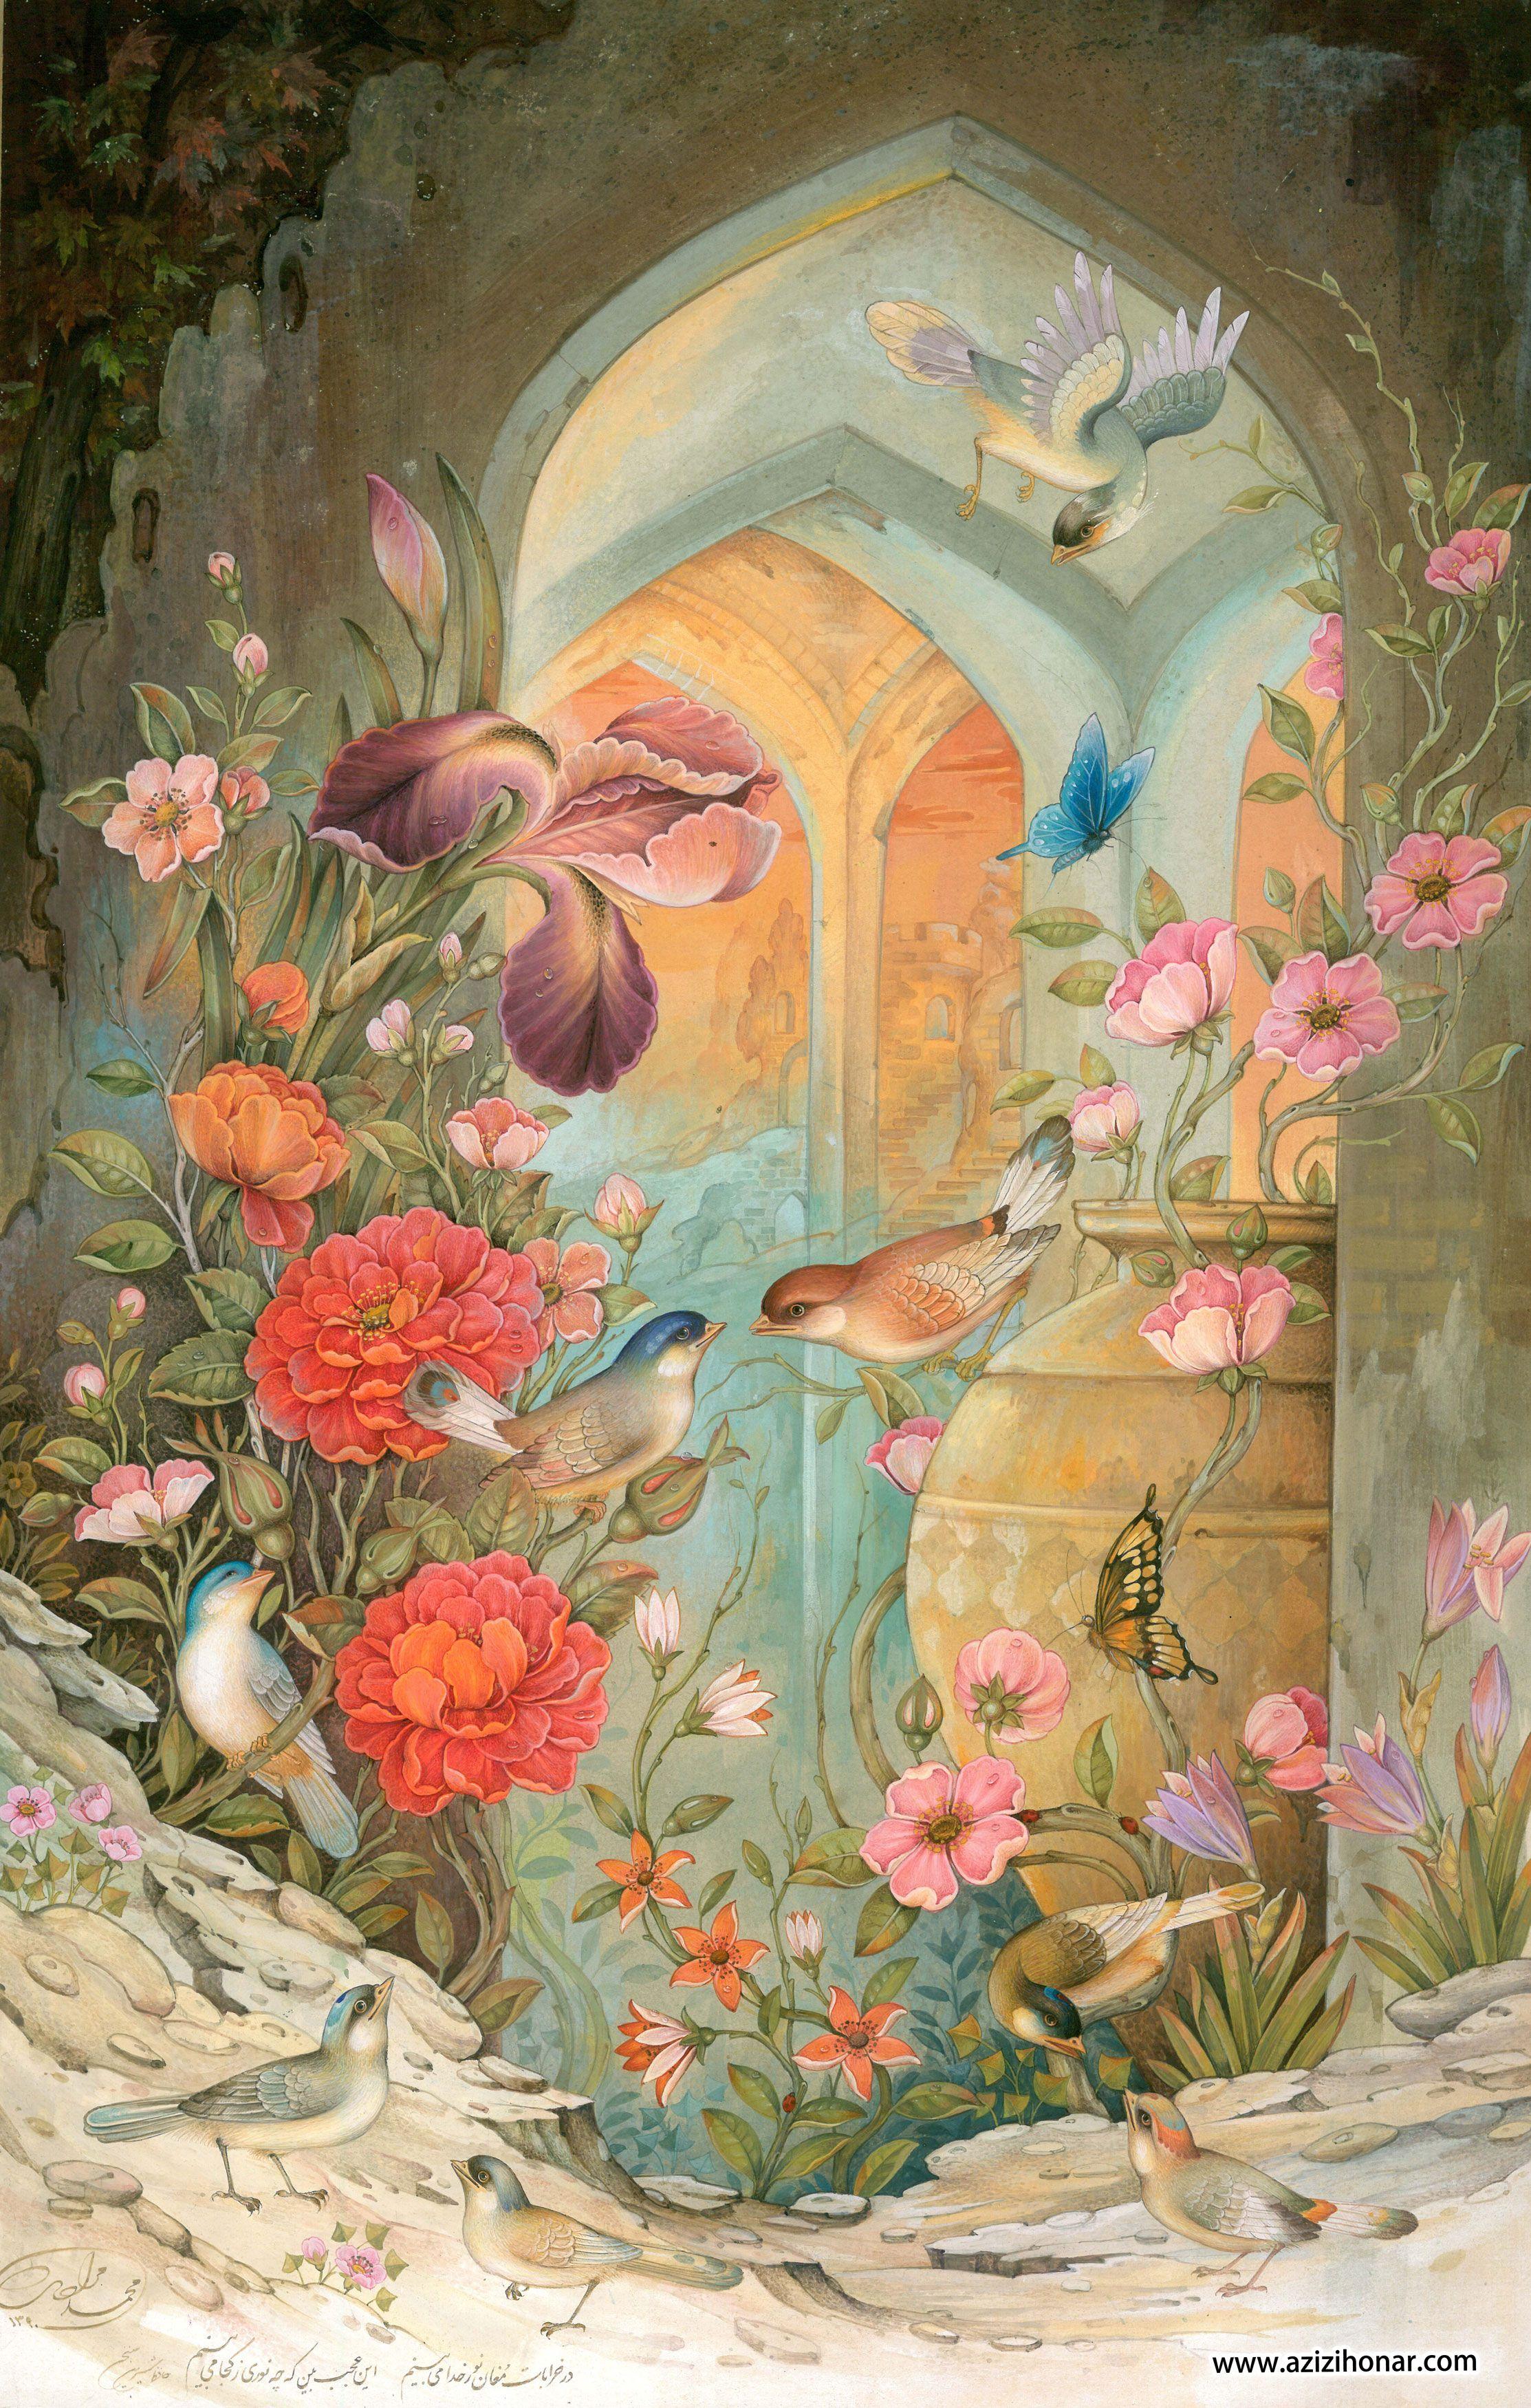 بخش١٦،یک اثر گل و مرغ « خرابات مغان » فاخر از استاد محمد مرادی تقدیم به اعضای رسمی سایت آثار هنرمندان ایران